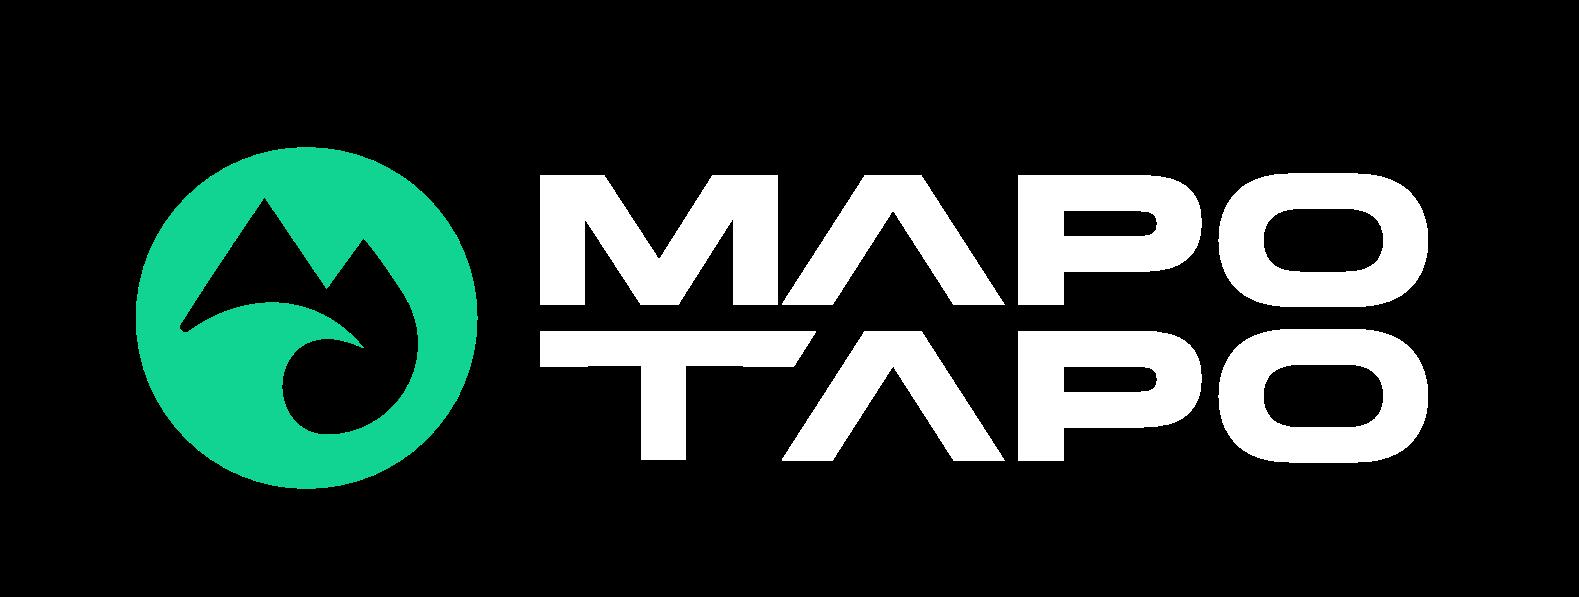 The Mapo tapo logo with the words 'Mapo Tapo'